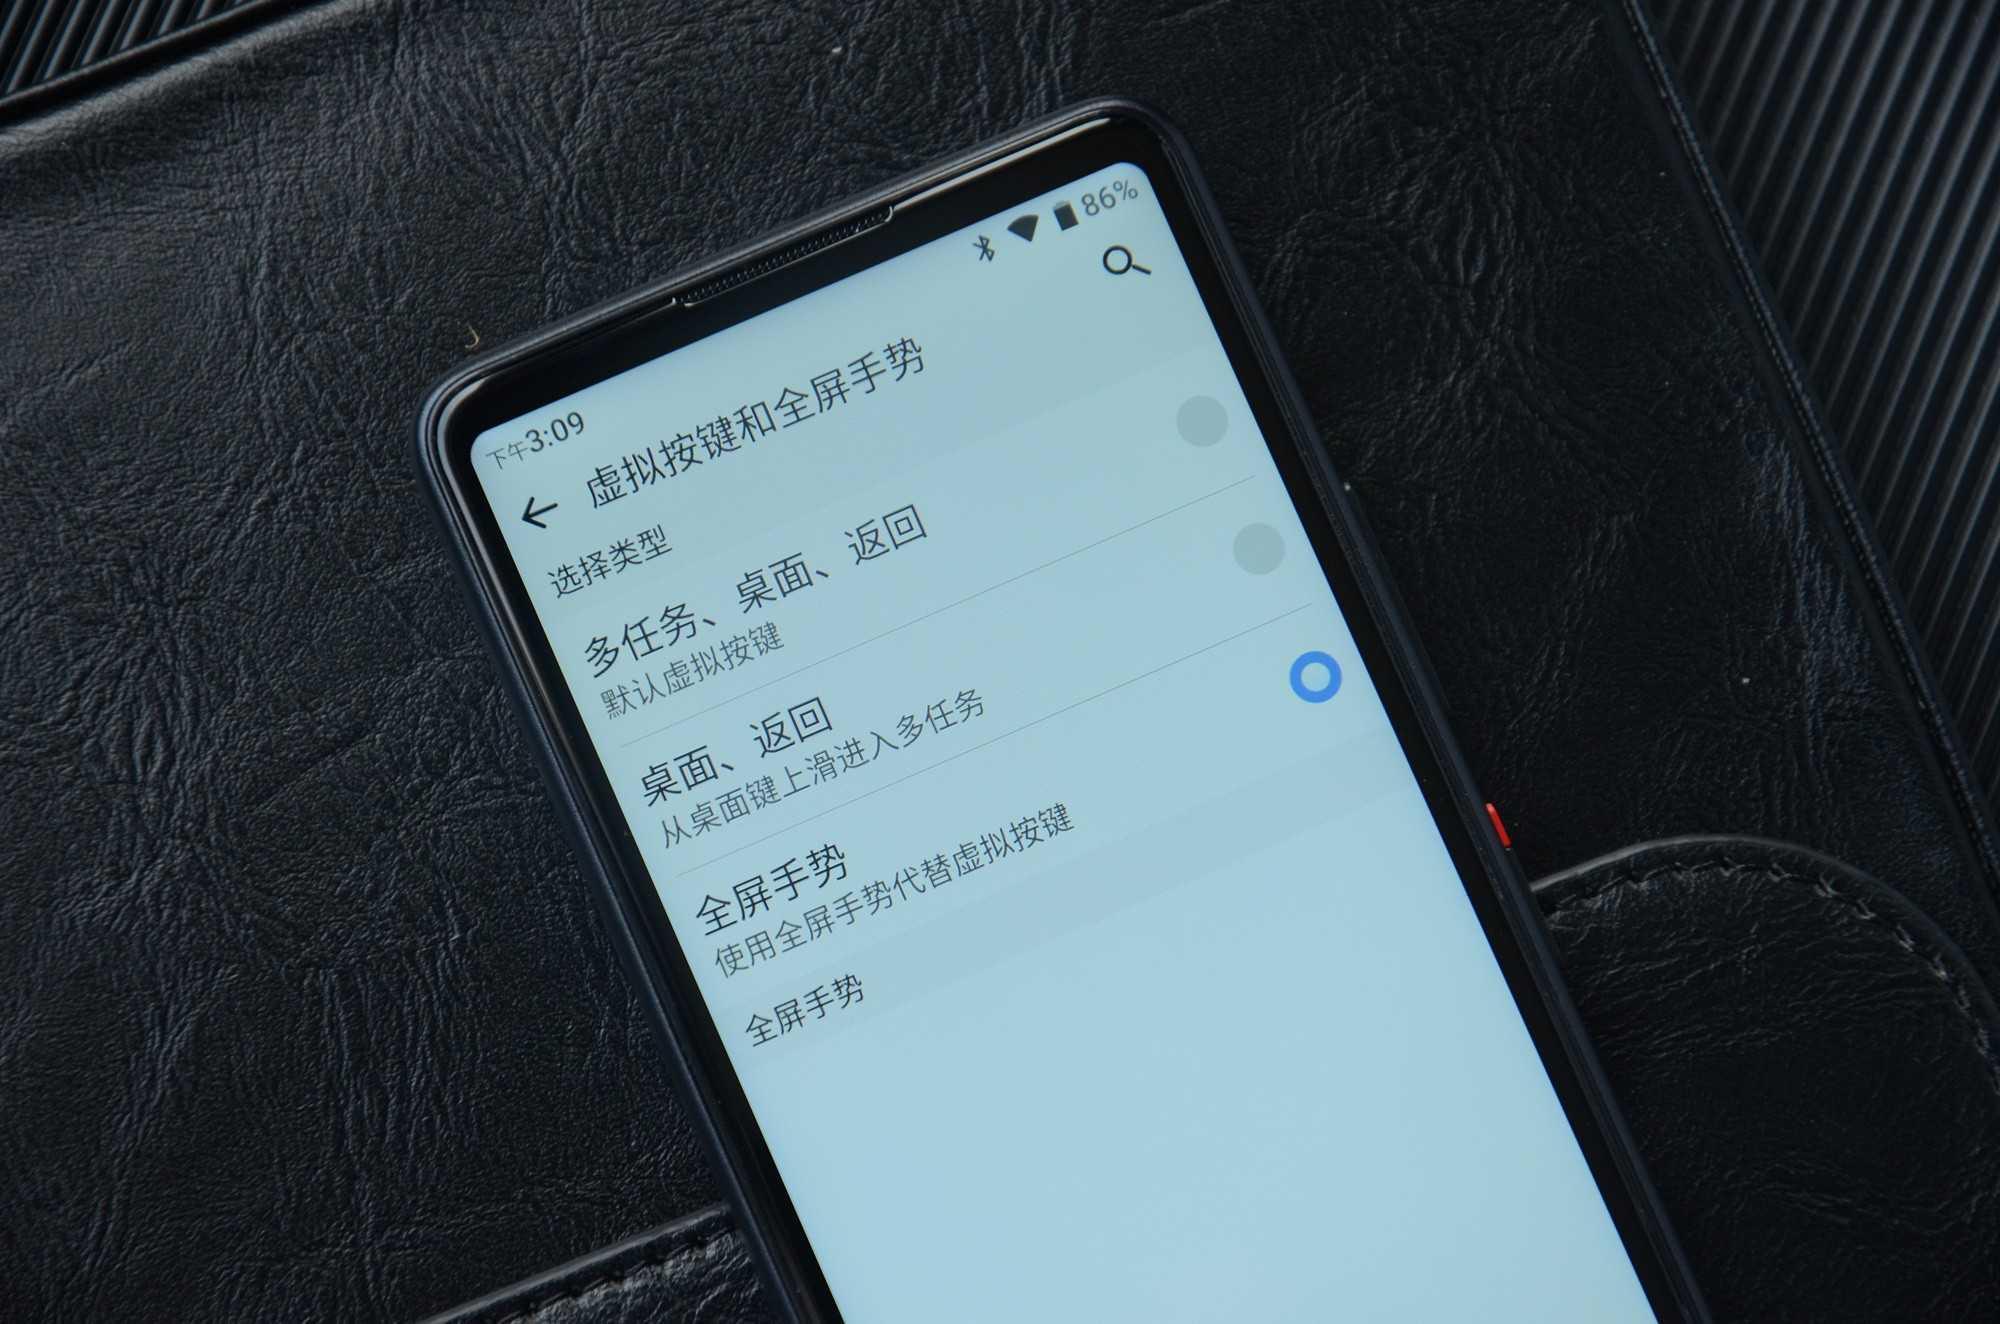 Суббренд китайской компании Xiaomi – Qin в рамках краудфандинговой площадки показал достаточной интересный бюджетный смартфон под названием Qin 2 Multi Parent